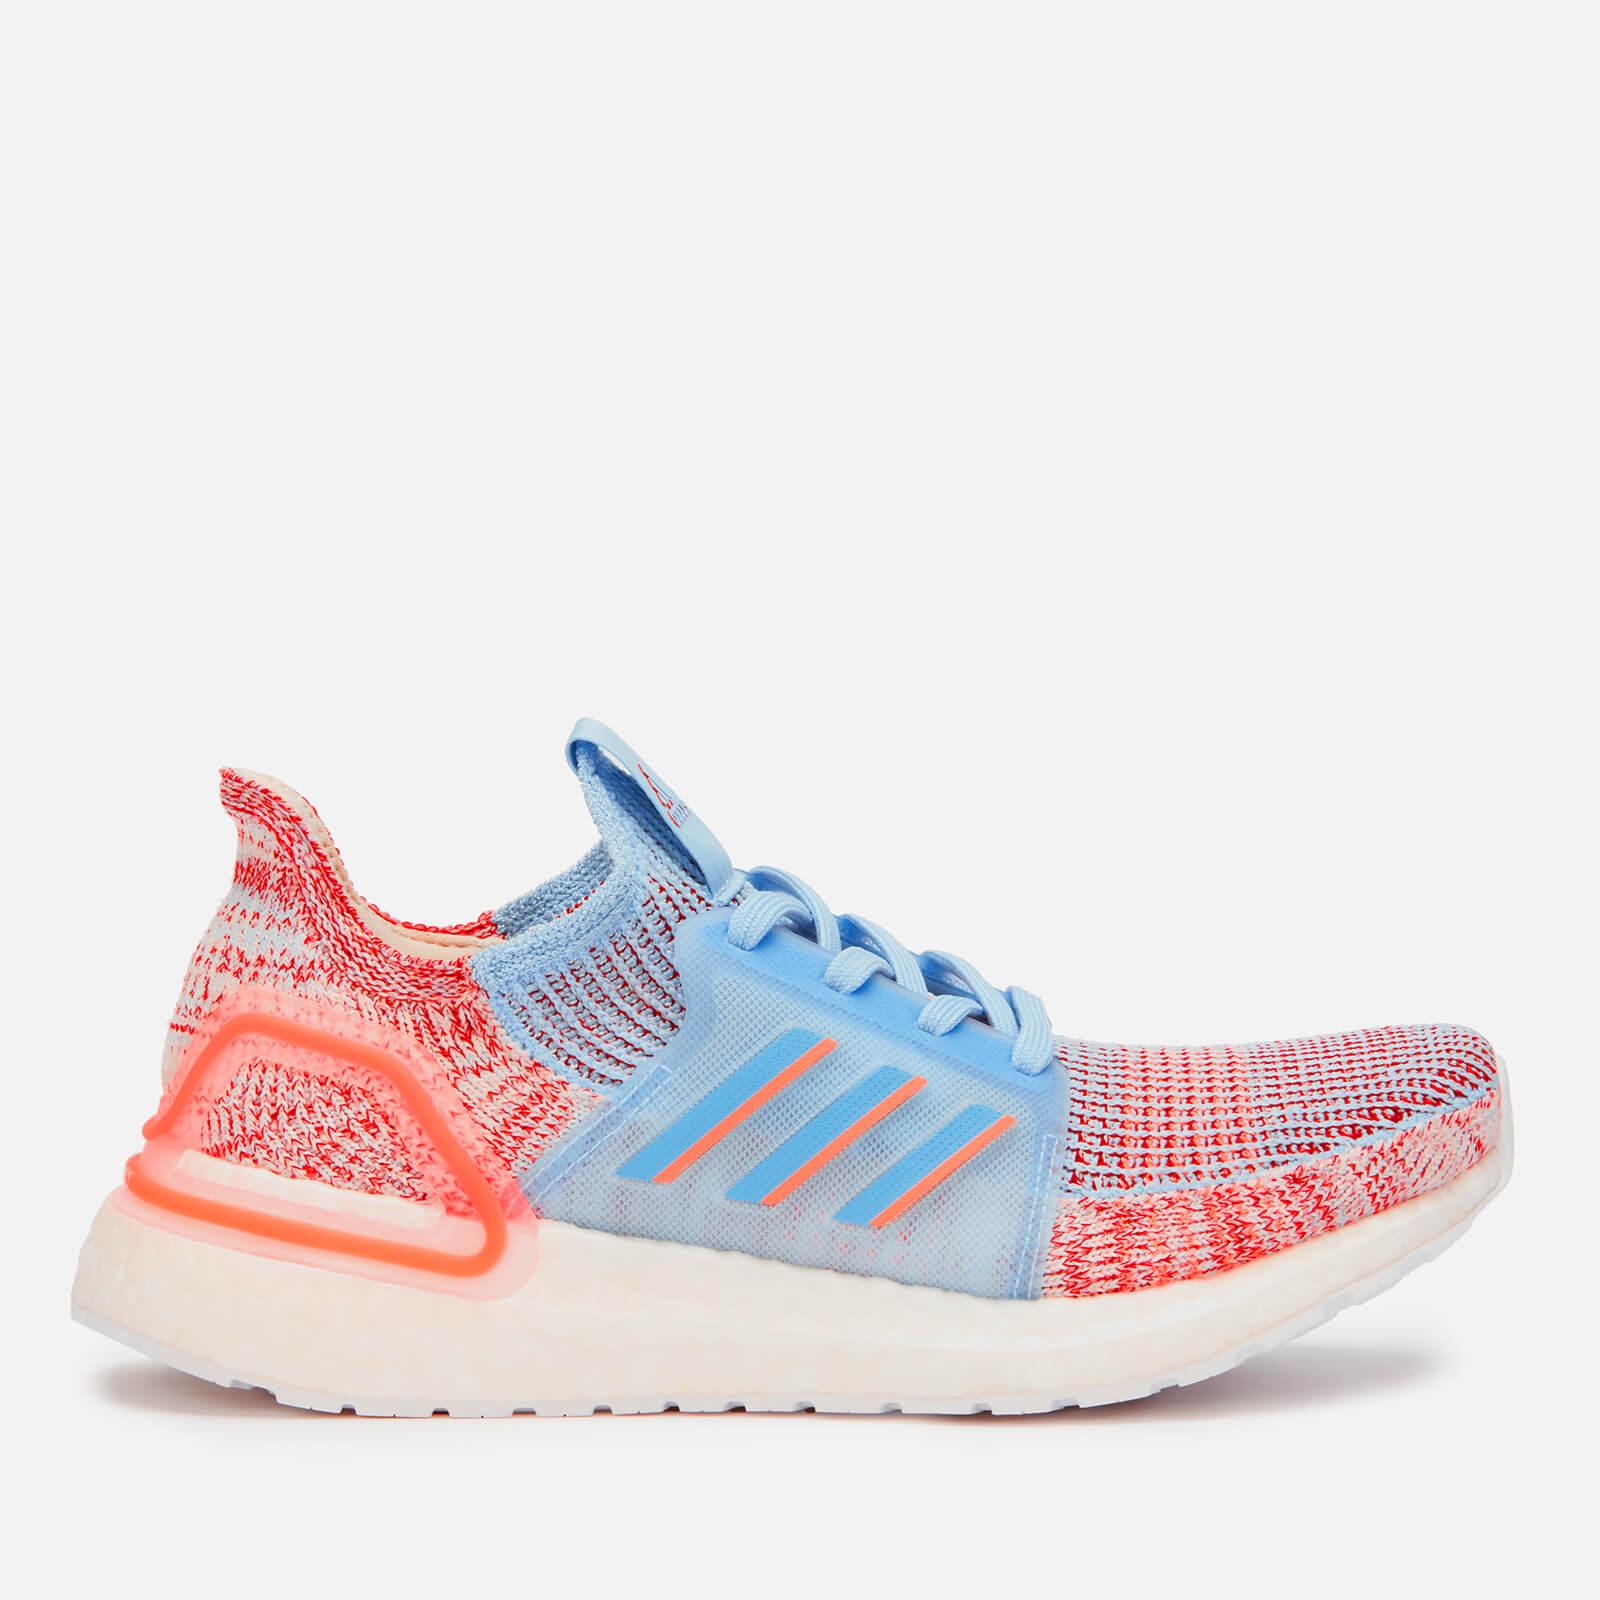 adidas Women's Ultraboost 19 Trainers - Blue/Orange - UK 5 - Multi